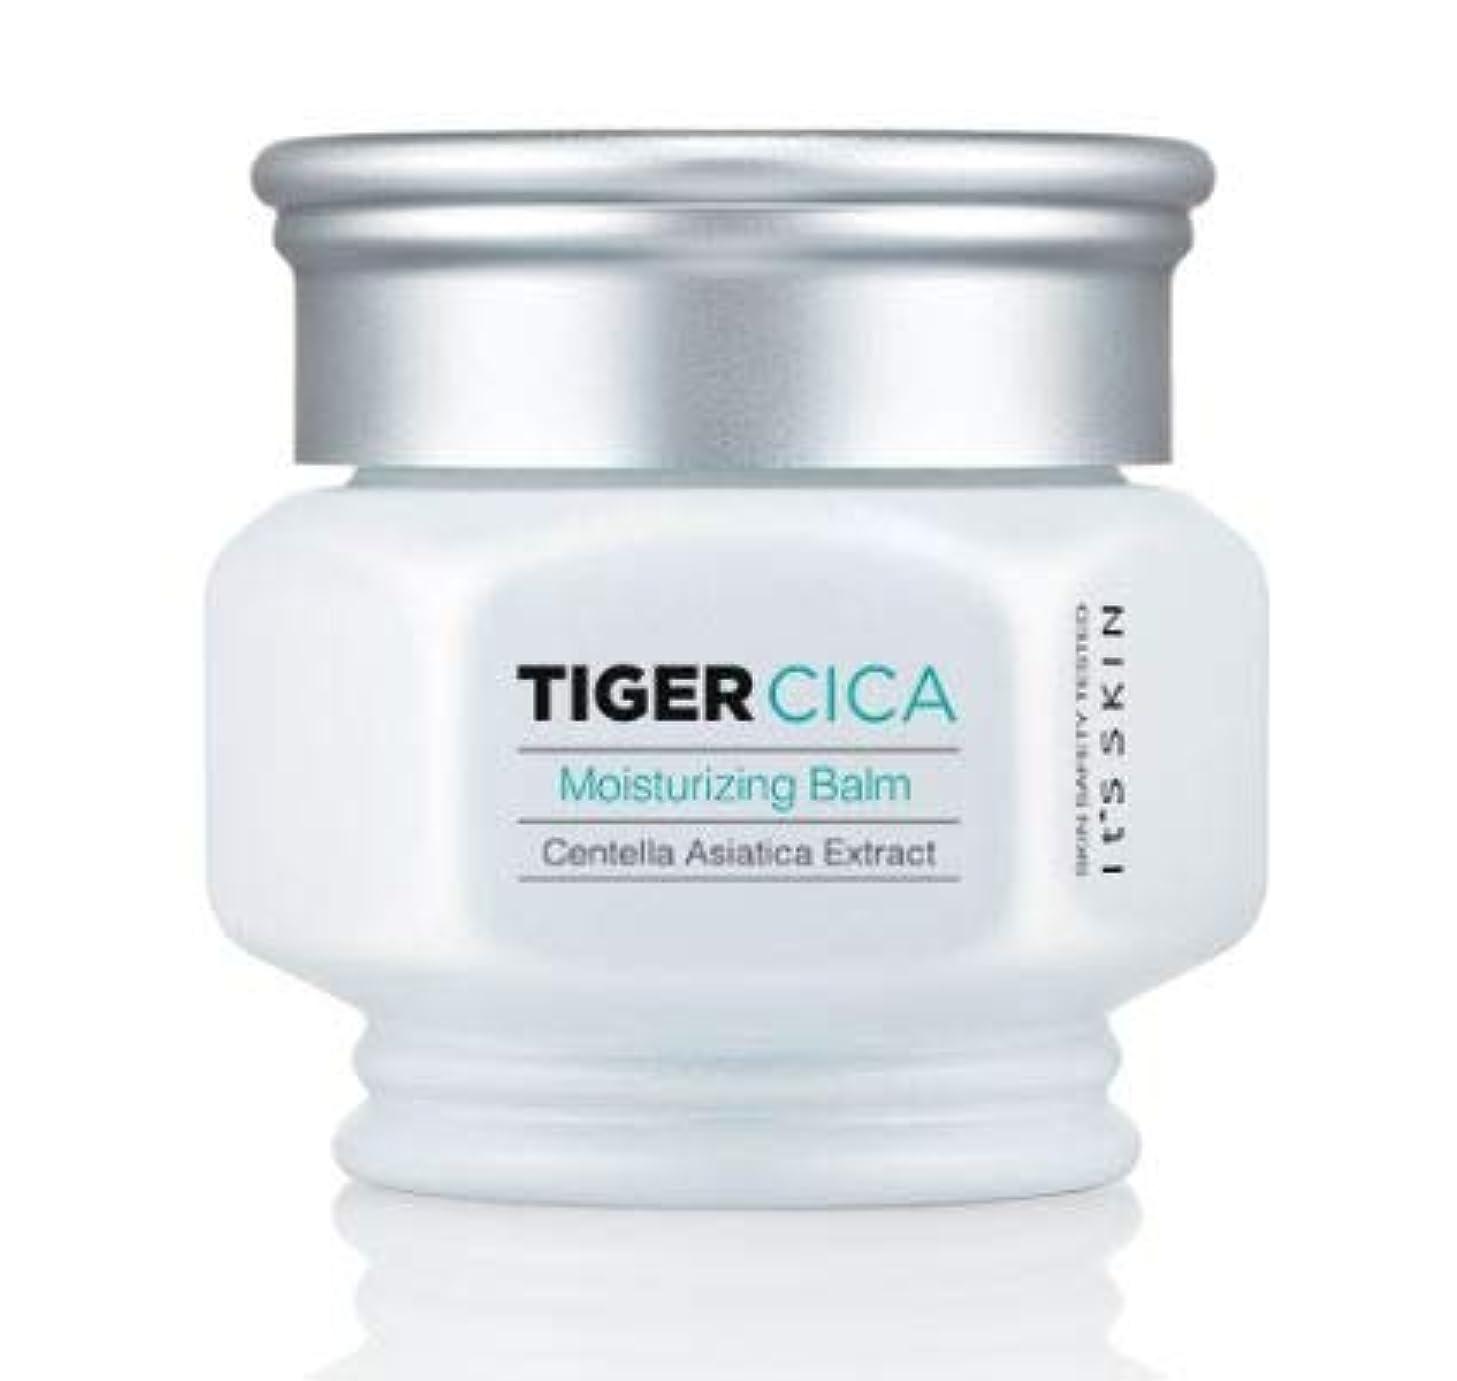 柔らかい連想王女[It's Skin] Tiger Cica Moisturizing Balm 50ml /[イッツスキン] タイガーシカ モイスチャライジング バーム 50ml [並行輸入品]